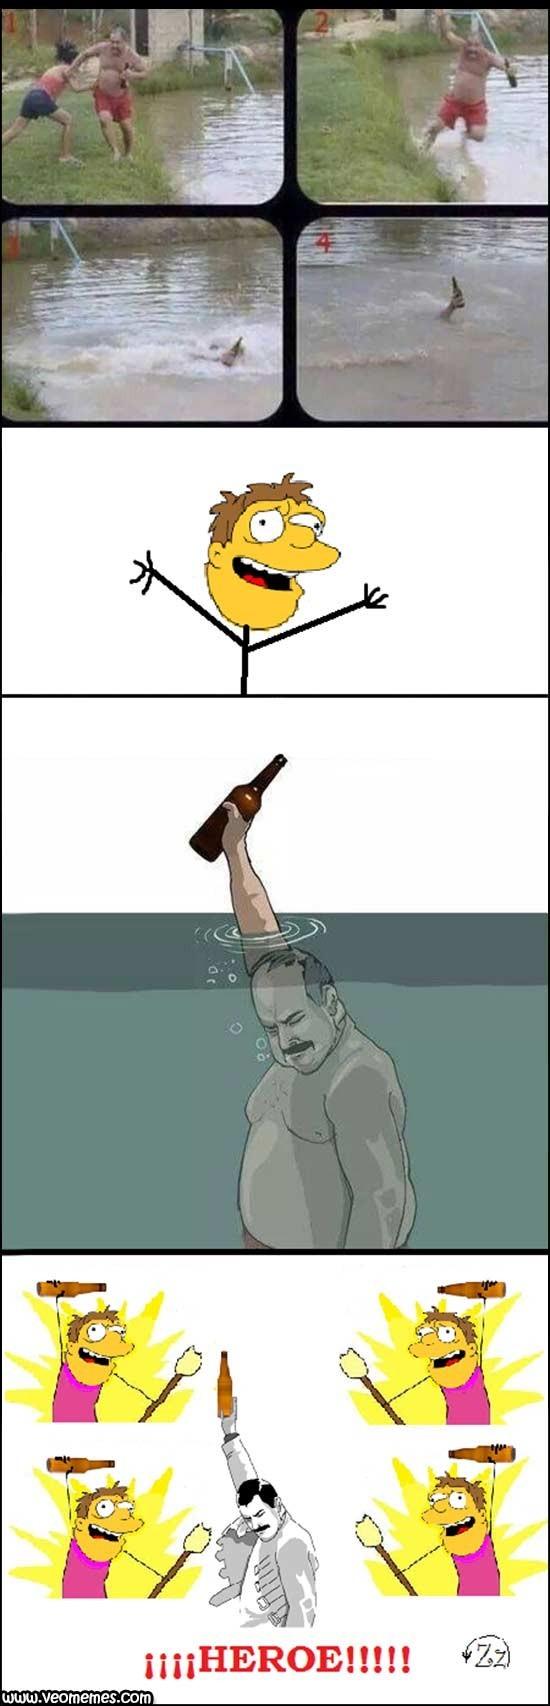 El héroe de Barney - meme